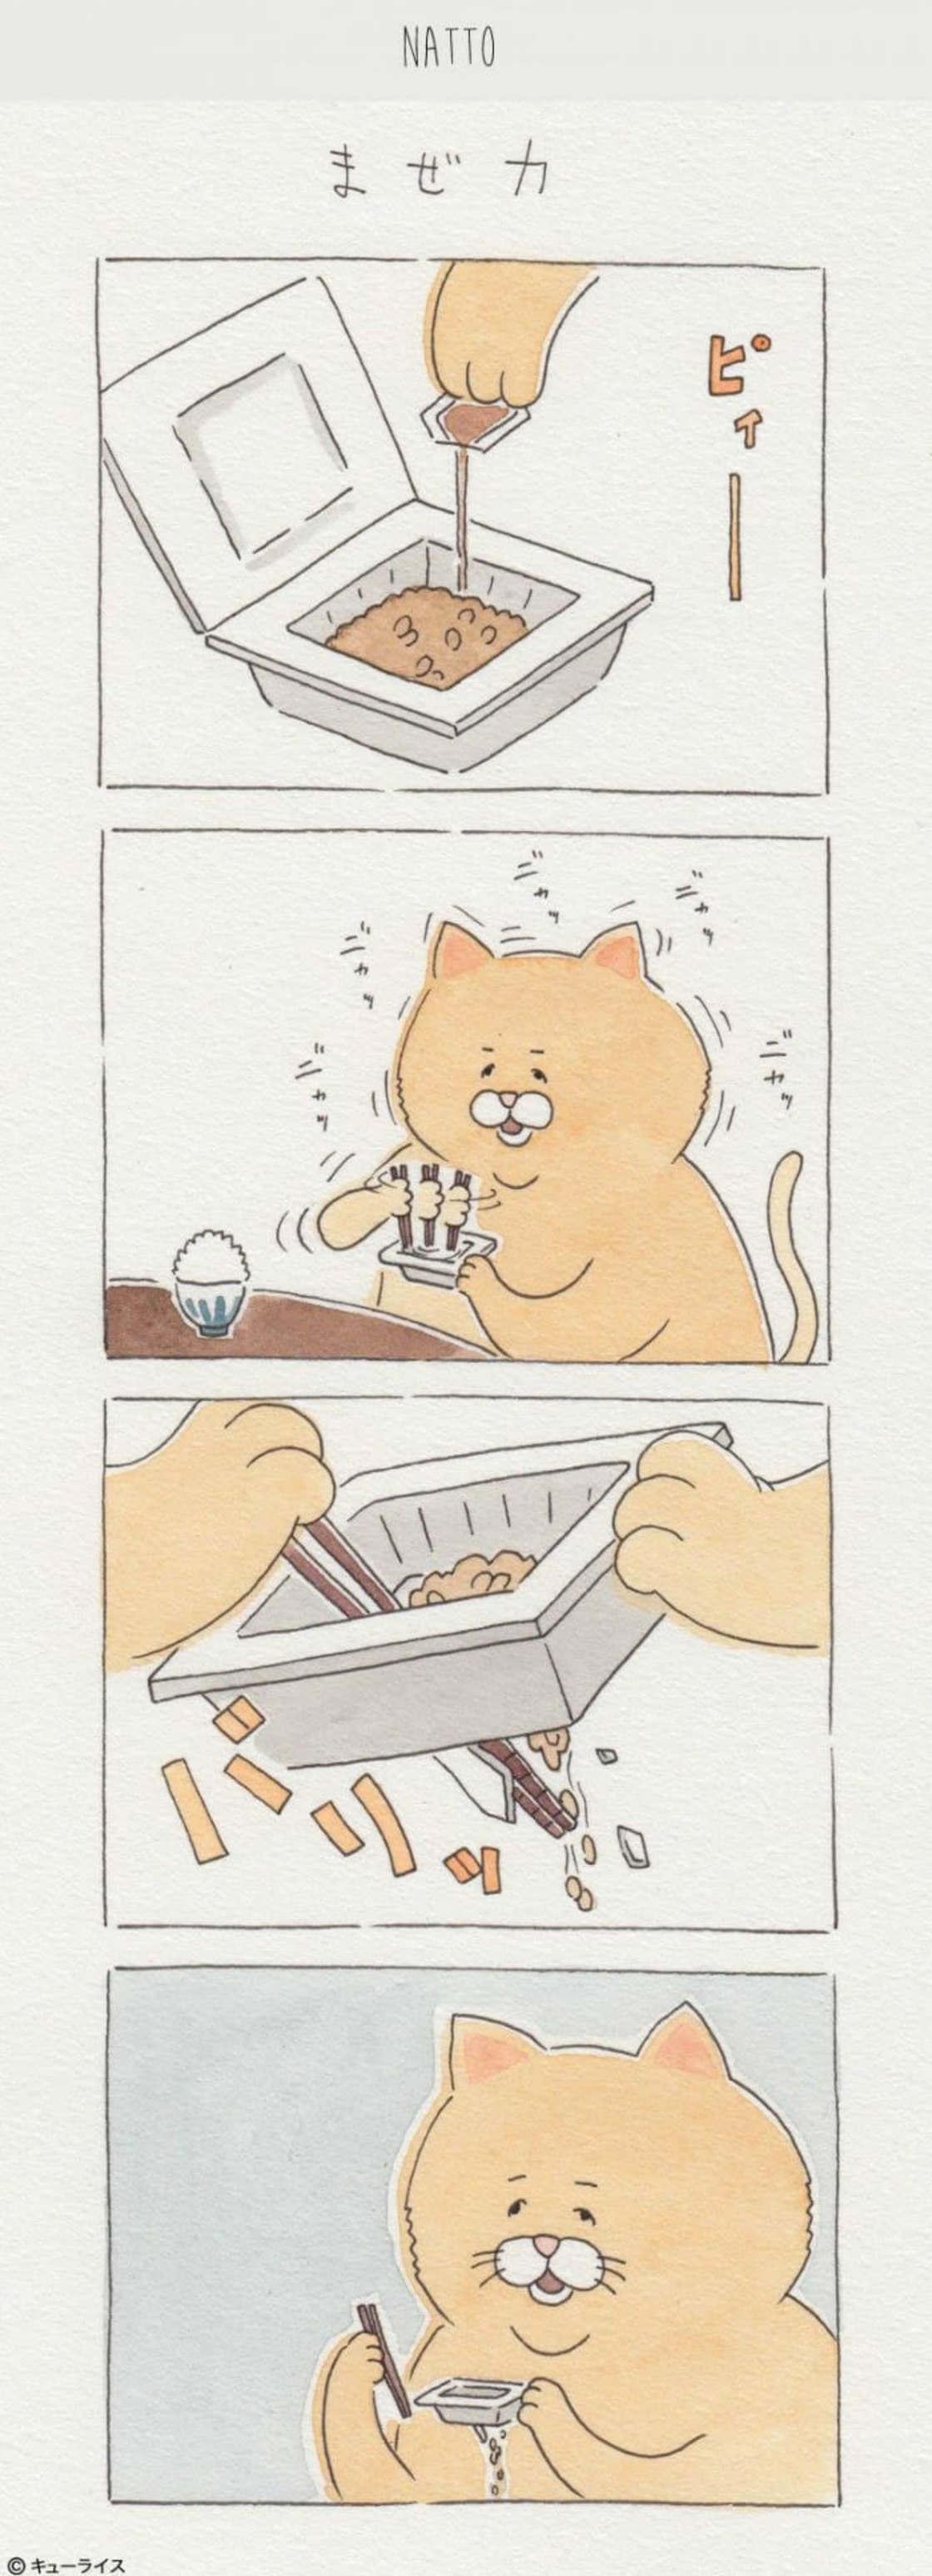 Food Fails - Les hilarantes aventures culinaires d'un chat japonais